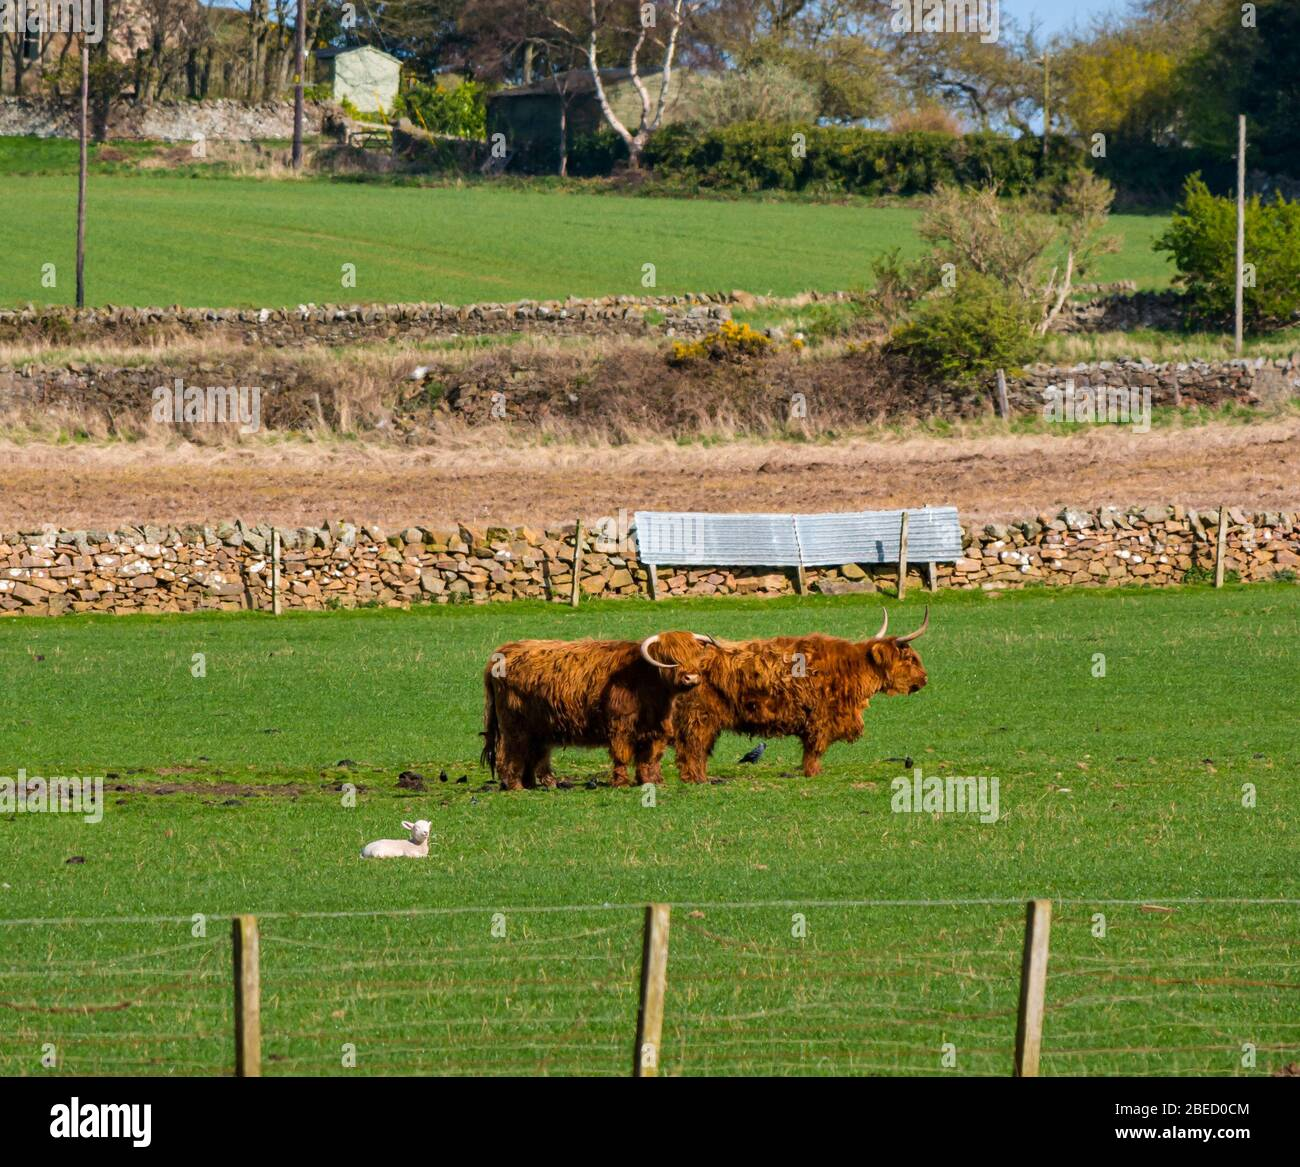 East Lothian, Escocia, Reino Unido. 13 de abril de 2020. Reino Unido Clima: Las vacas de las tierras altas pastan en un campo con un cordero tumbado en el campo de pastoreo empapándose del sol Foto de stock